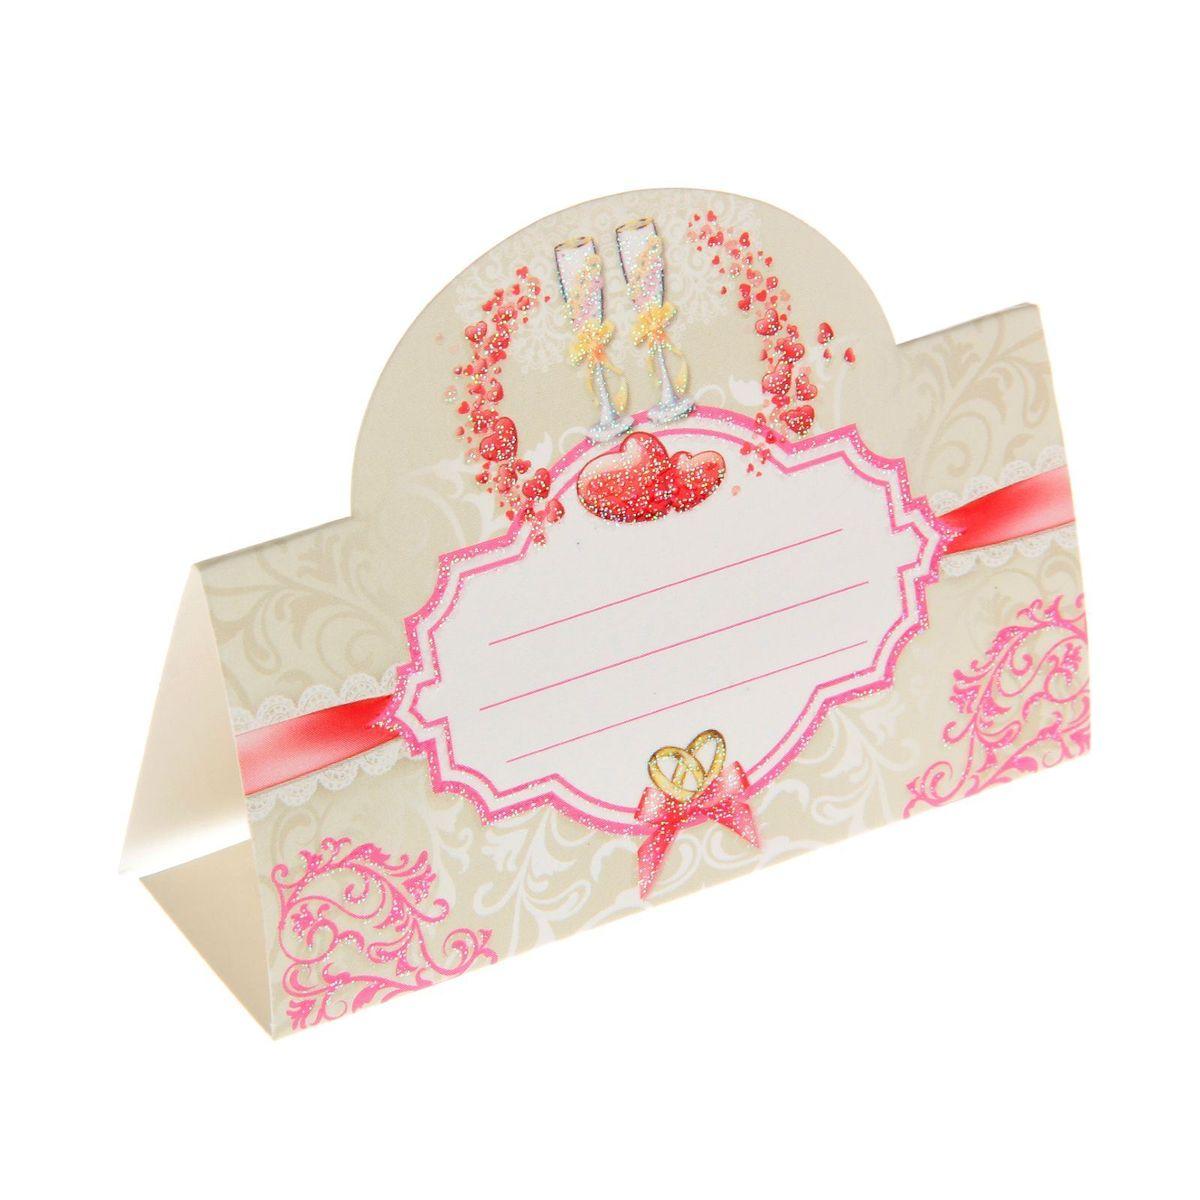 Карточка банкетная Миленд. 121871619201Красиво оформленный свадебный стол - это эффектное, неординарное и очень значимое обрамление для проведения любого запланированного вами торжества. Банкетная карточка Миленд - это красивое и оригинальное украшение зала, которое дополнит выдержанный стиль мероприятия и передаст праздничное настроение вам и вашим гостям.